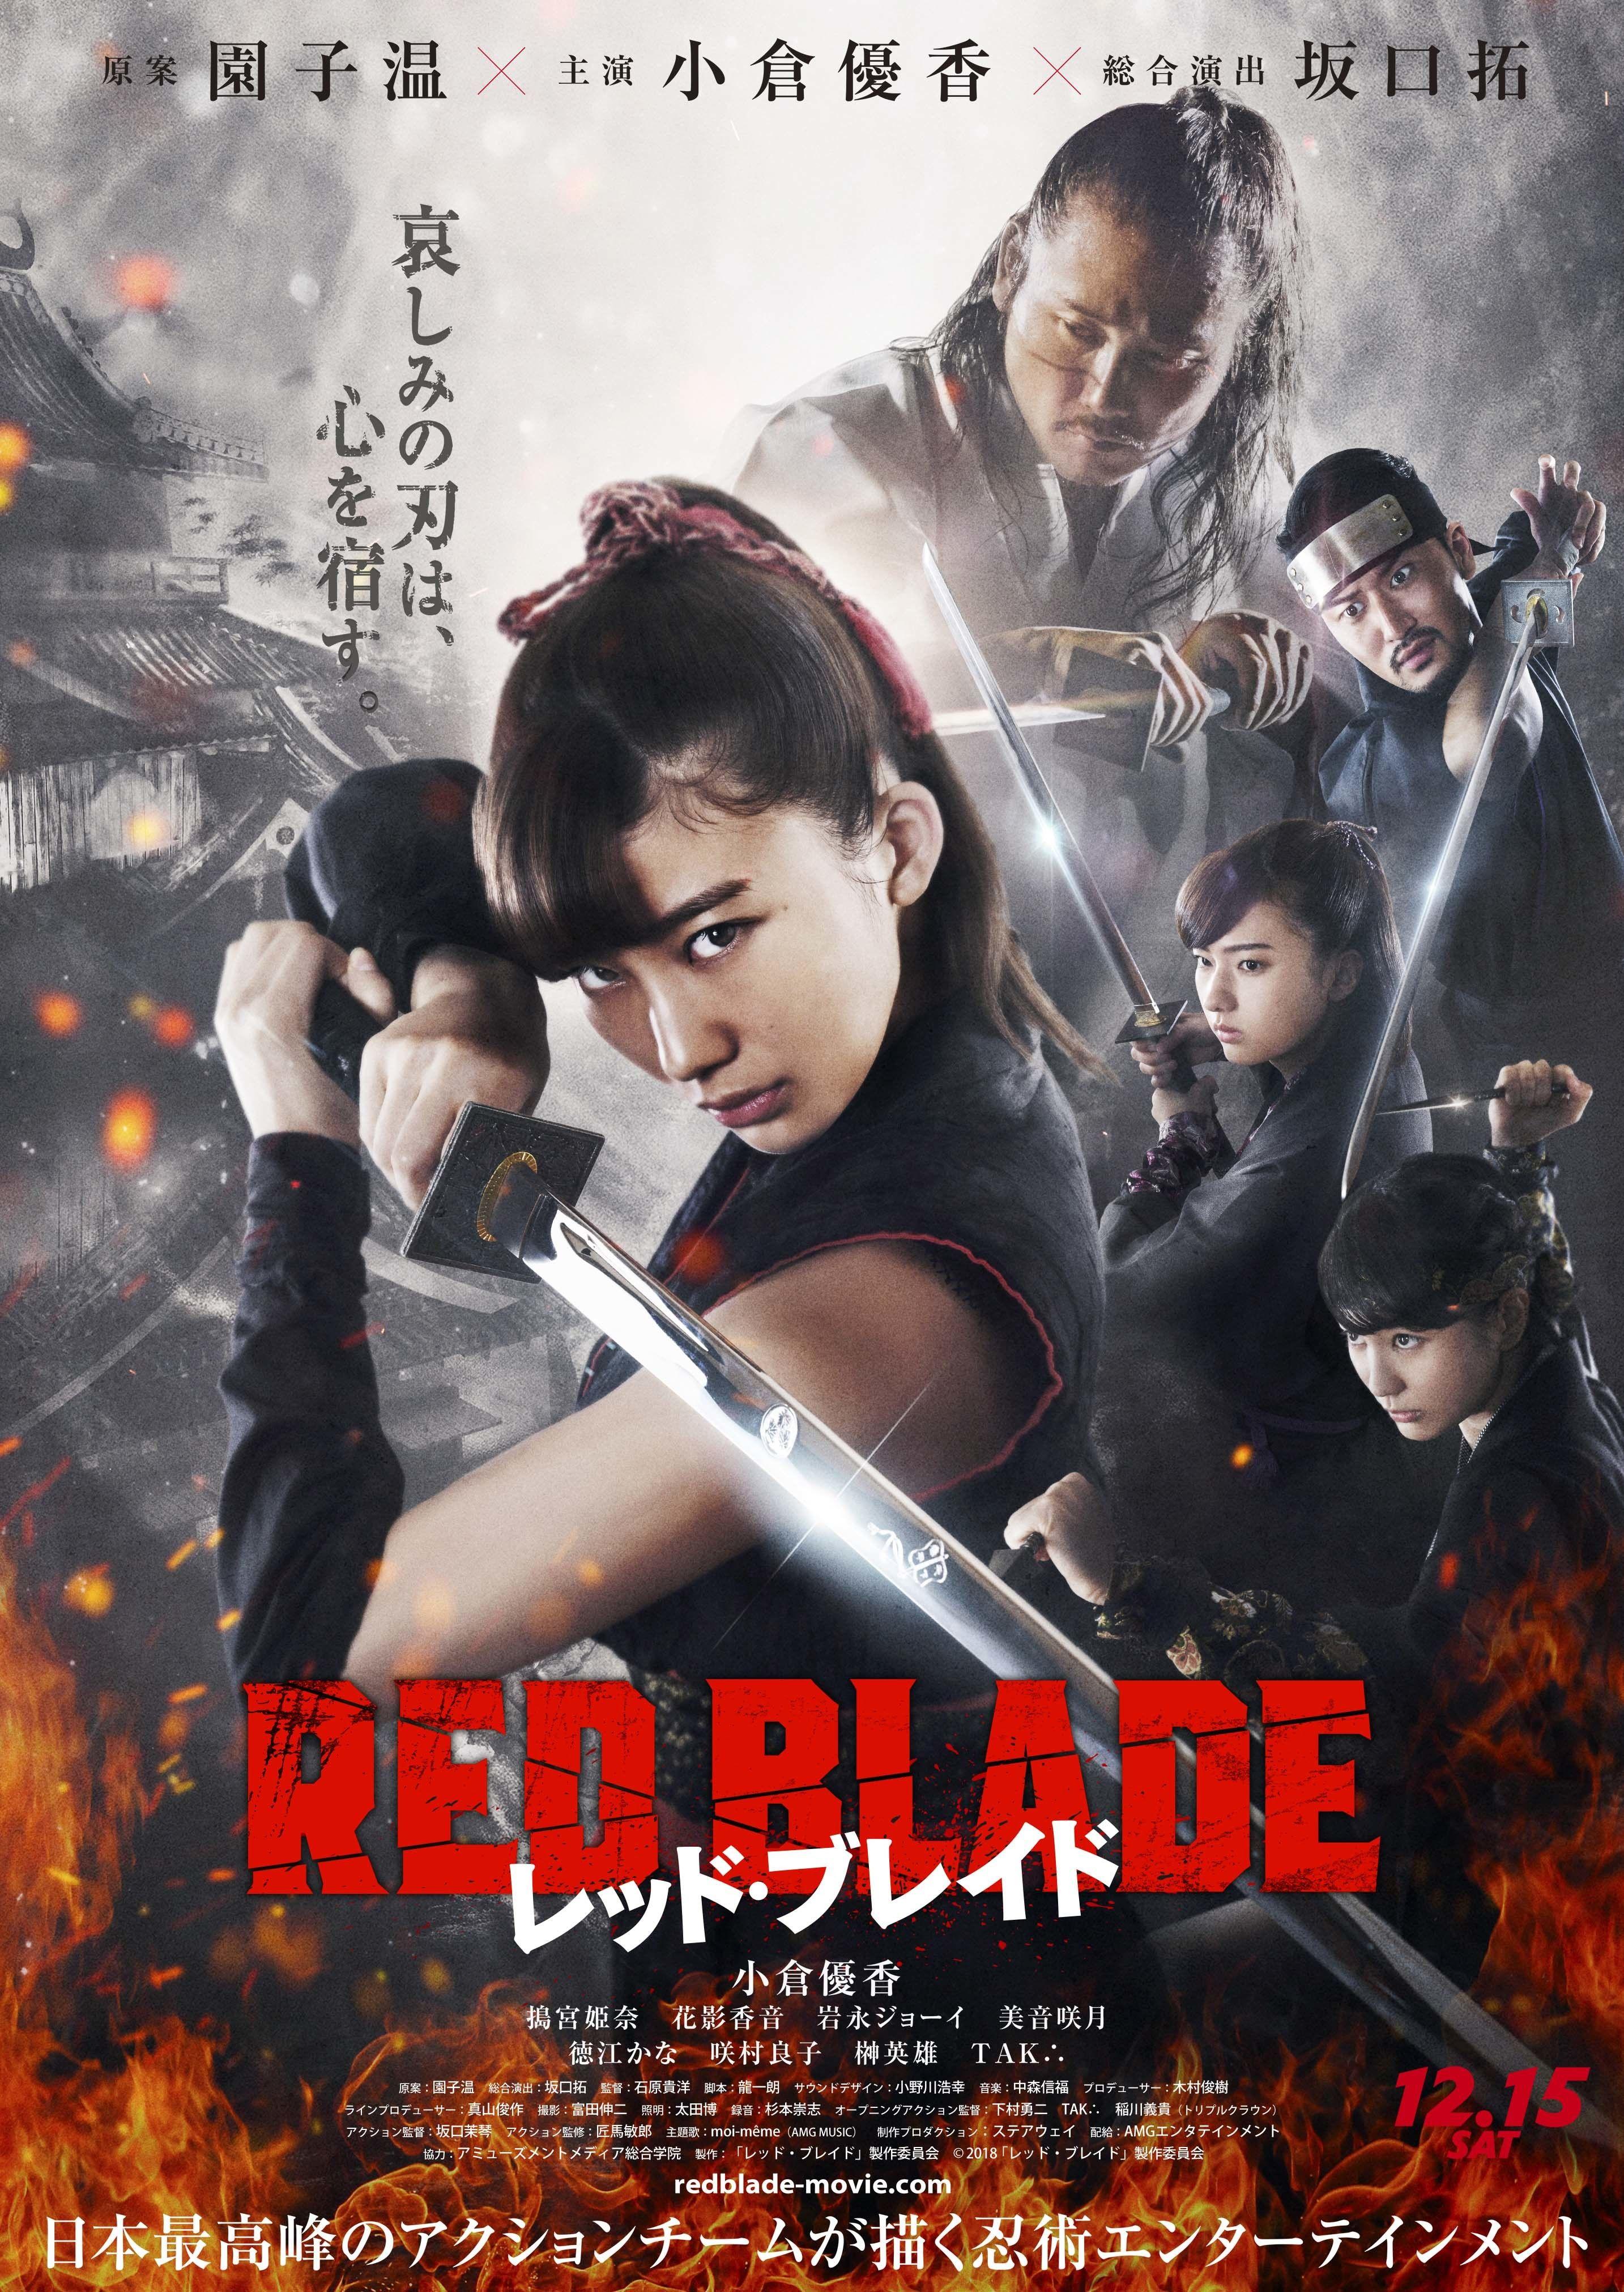 レッド・ブレイド - Red Blade [December 15, 2018 | Japanese